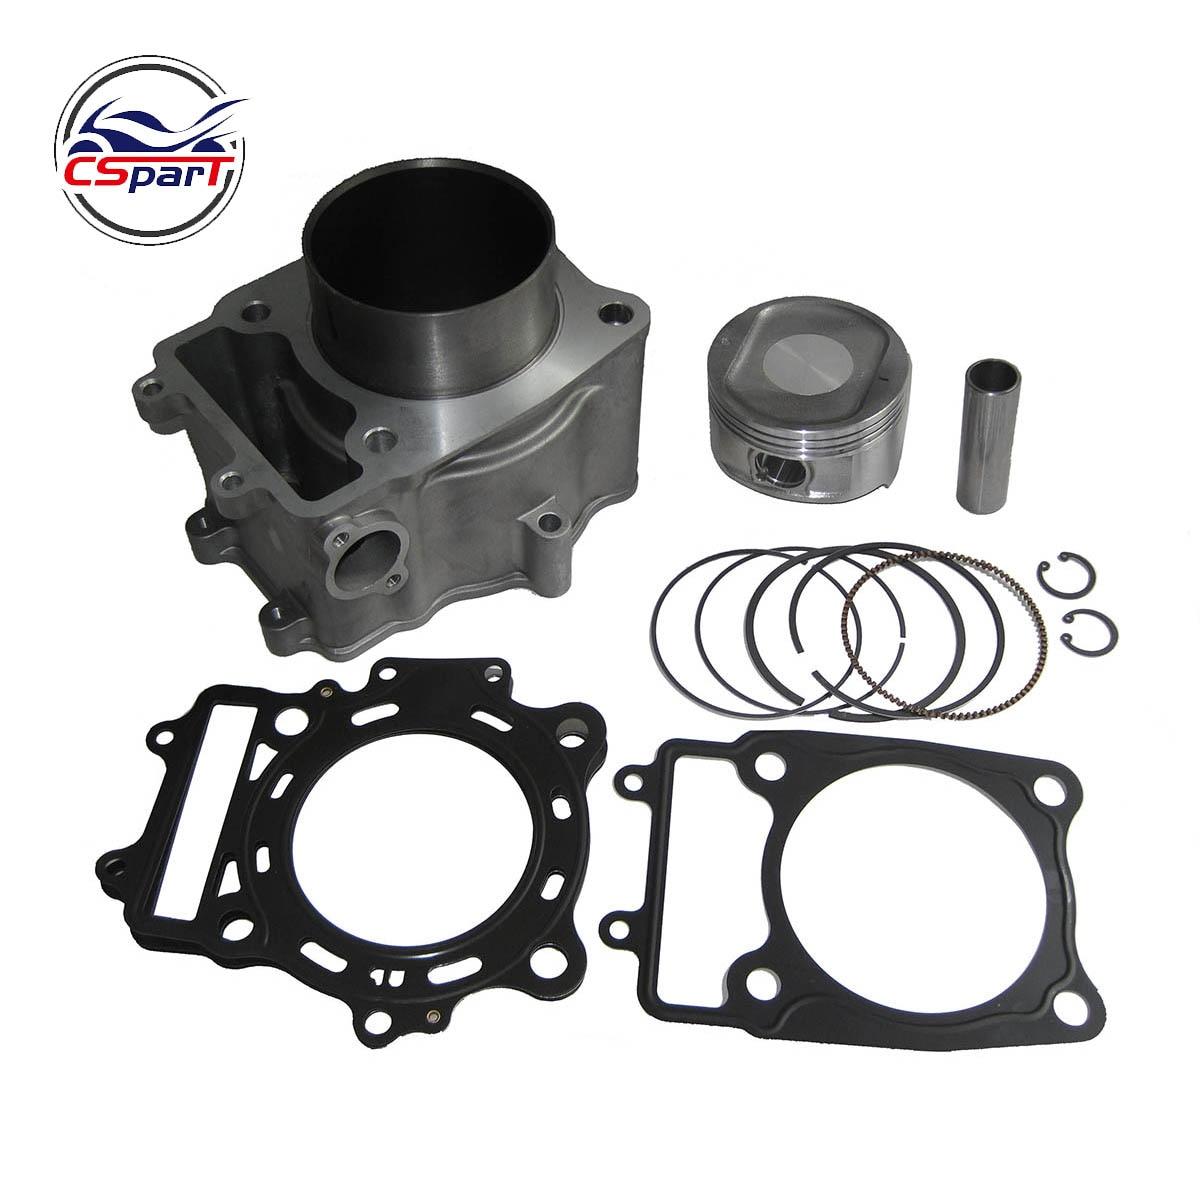 87.5mm Cylinder Piston Gasket Kit For  CFMOTO CF188 500 CF500 500CC UTV ATV GO KART